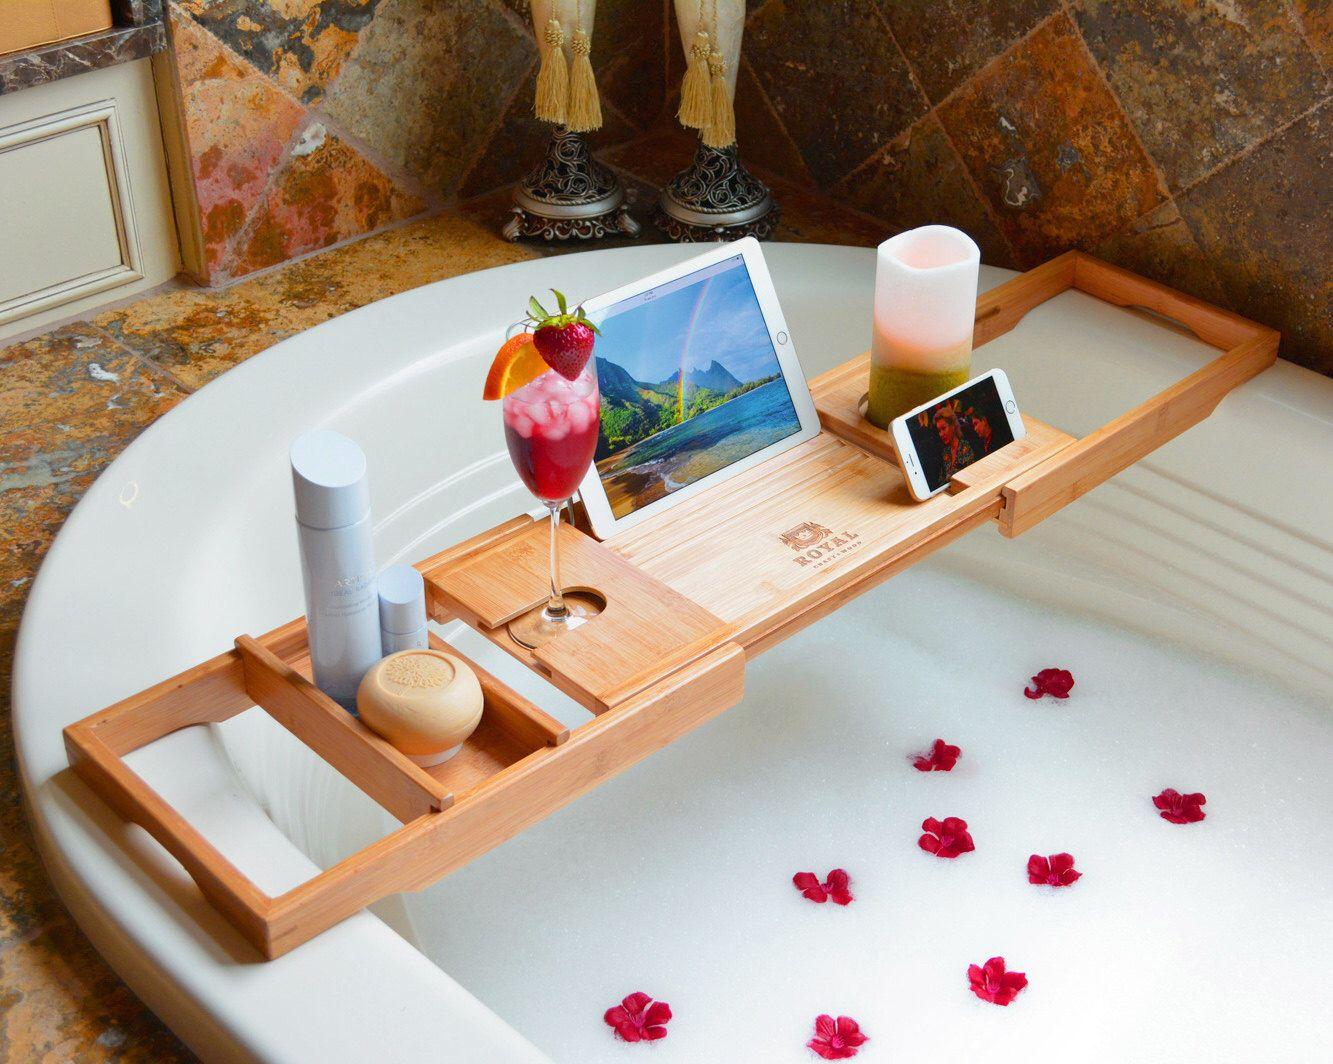 ROYAL CRAFT WOOD Bathtub Caddy, Bamboo Shower Bath Tub Tray ...